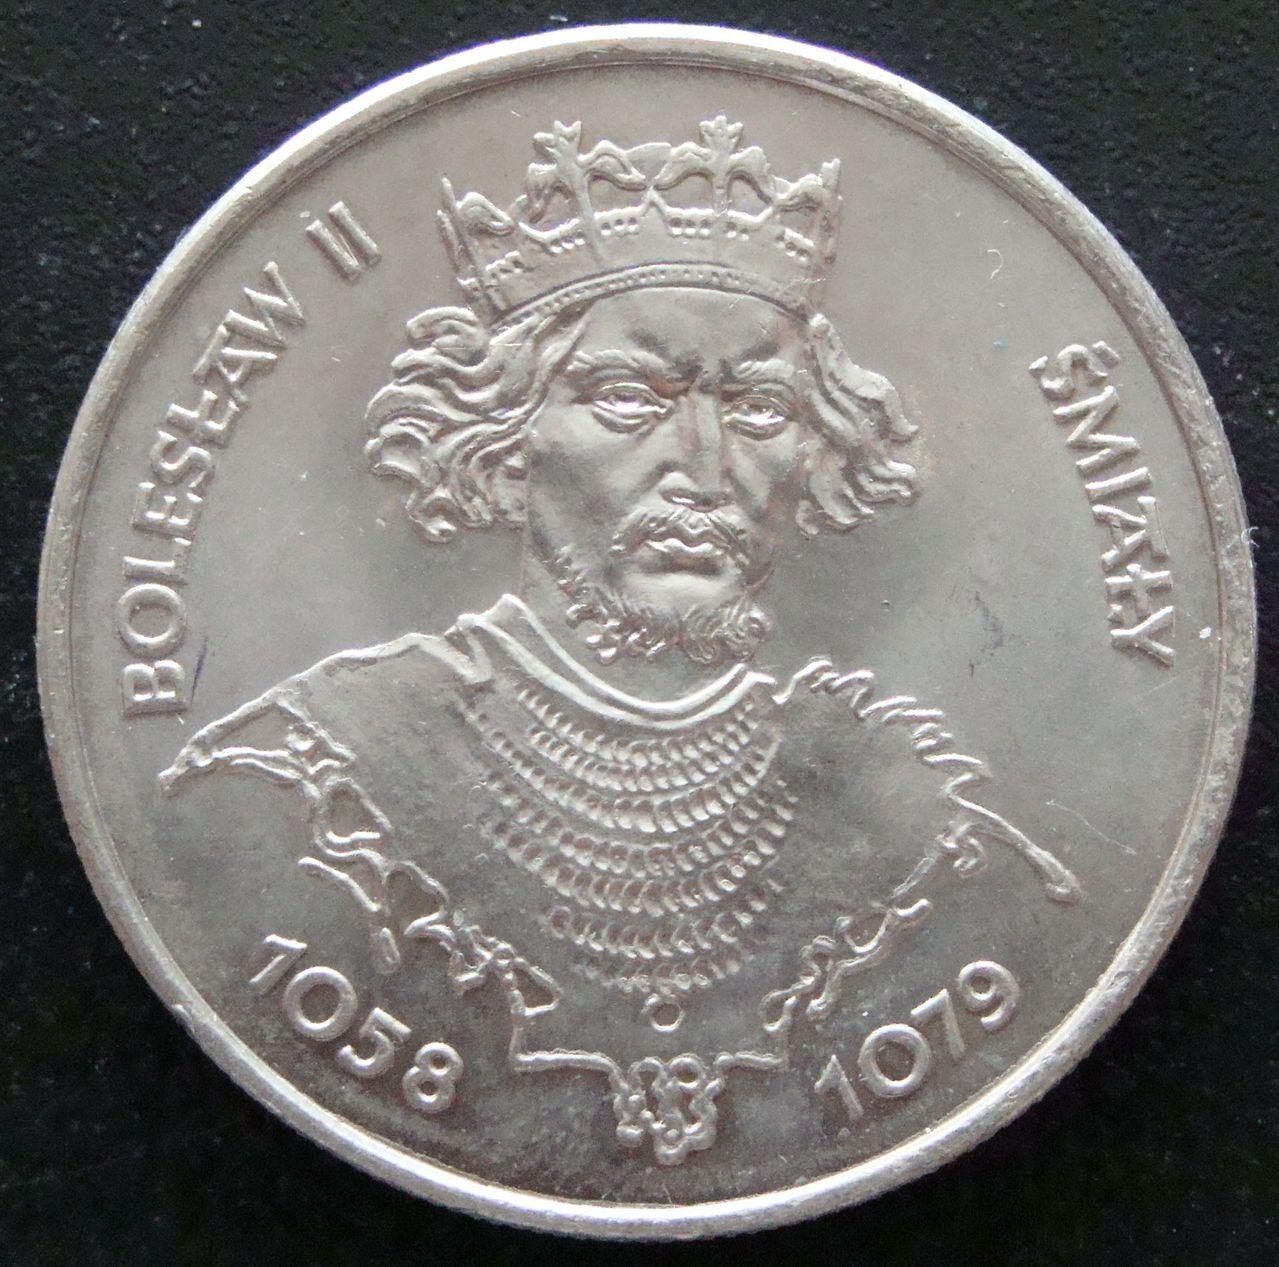 50 Zloty. Polonia (1981) Boleslaw II POL_50_Zloty_Boleslaw_II_Smialy_rev